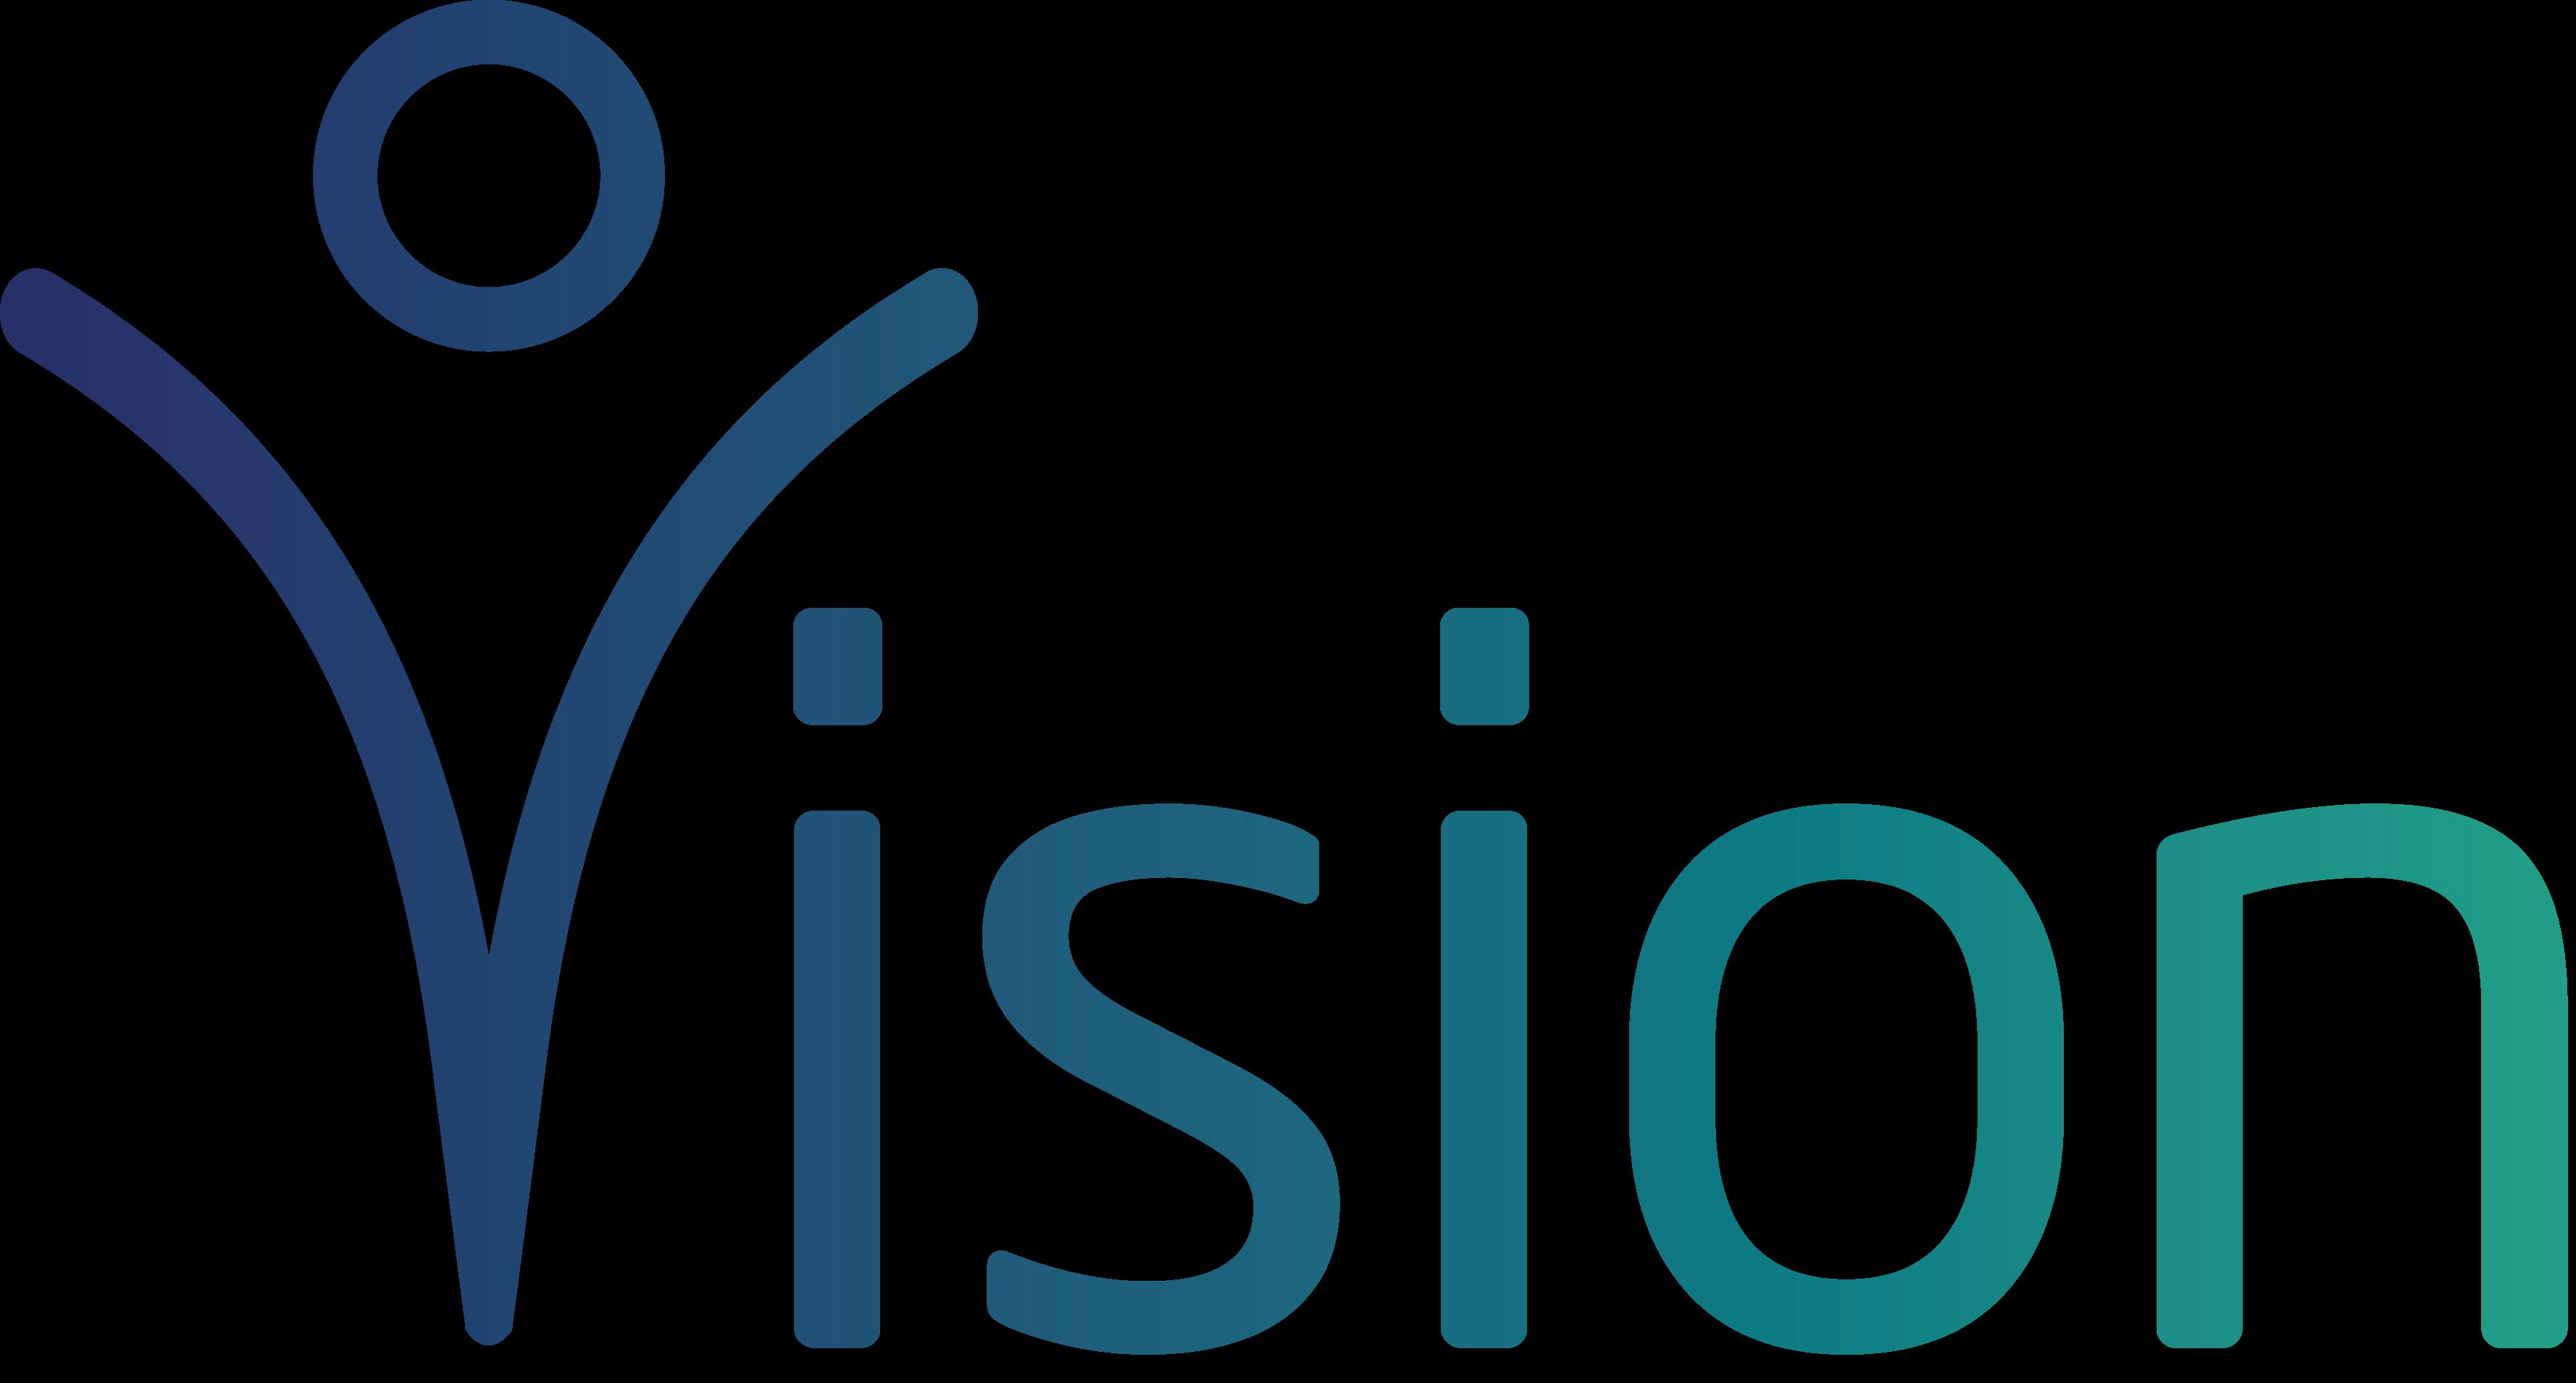 Vision für ein besseres Miteinander e.V.